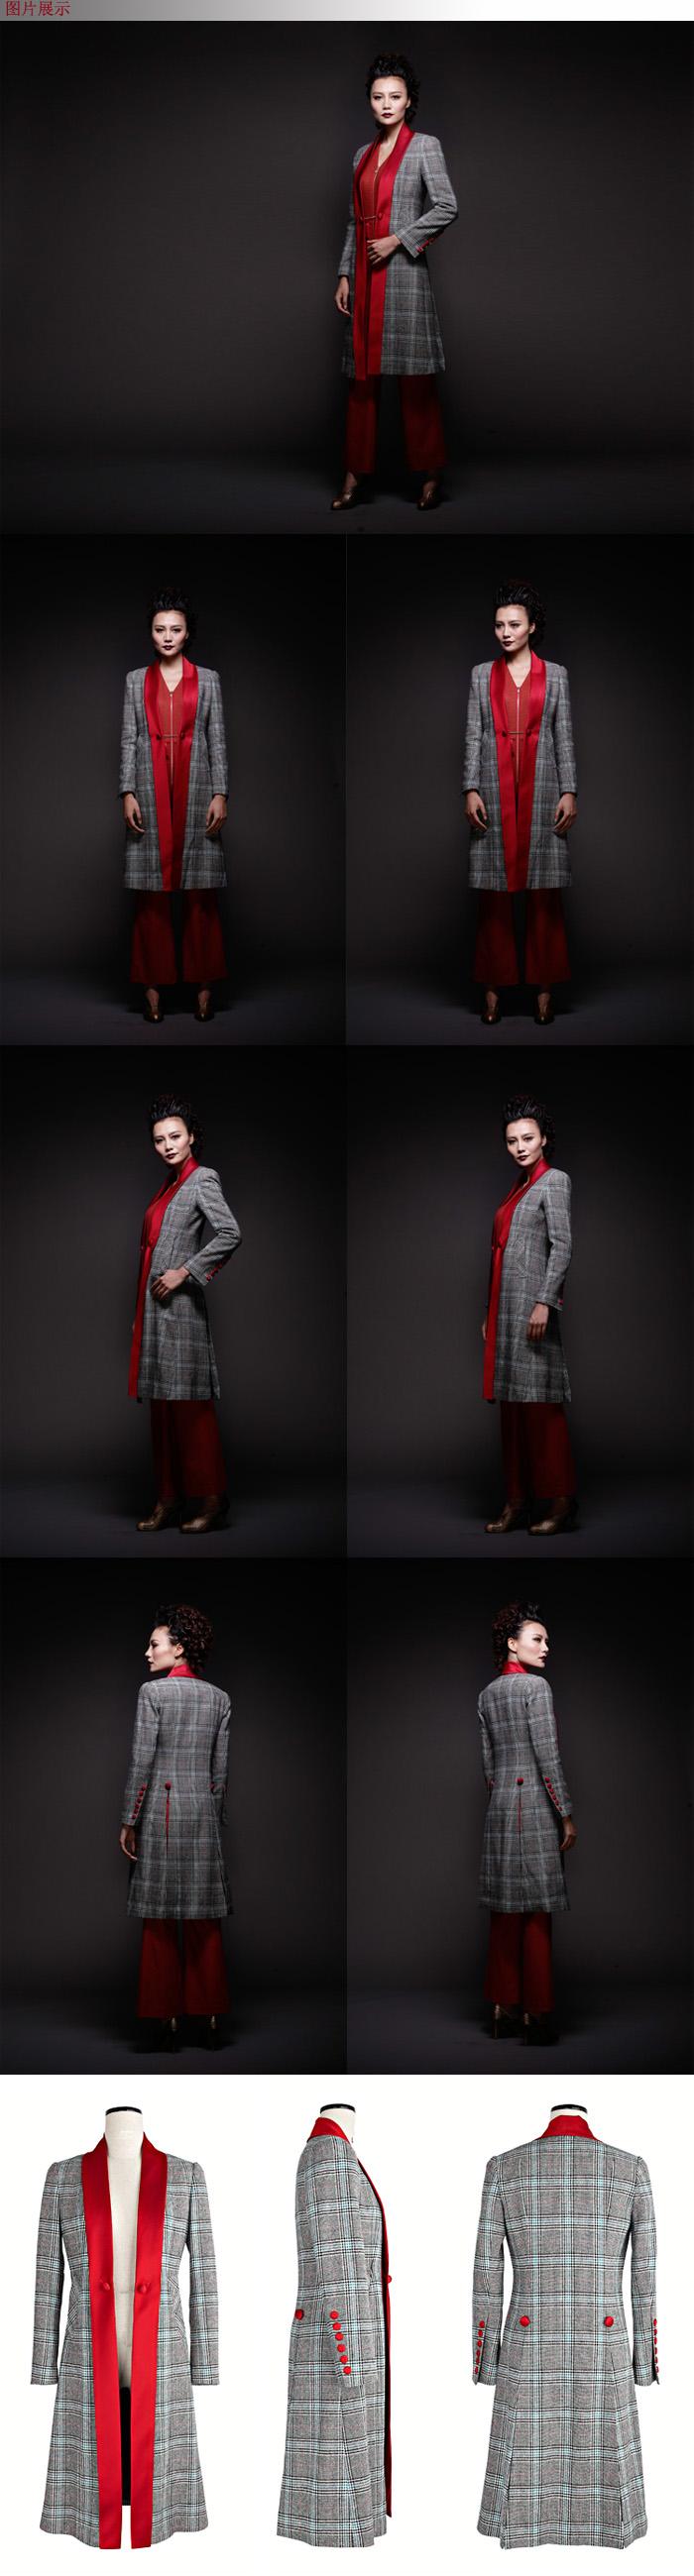 bgthree独立设计师品牌 羊毛格纹呢对襟长款素缎拼接大衣